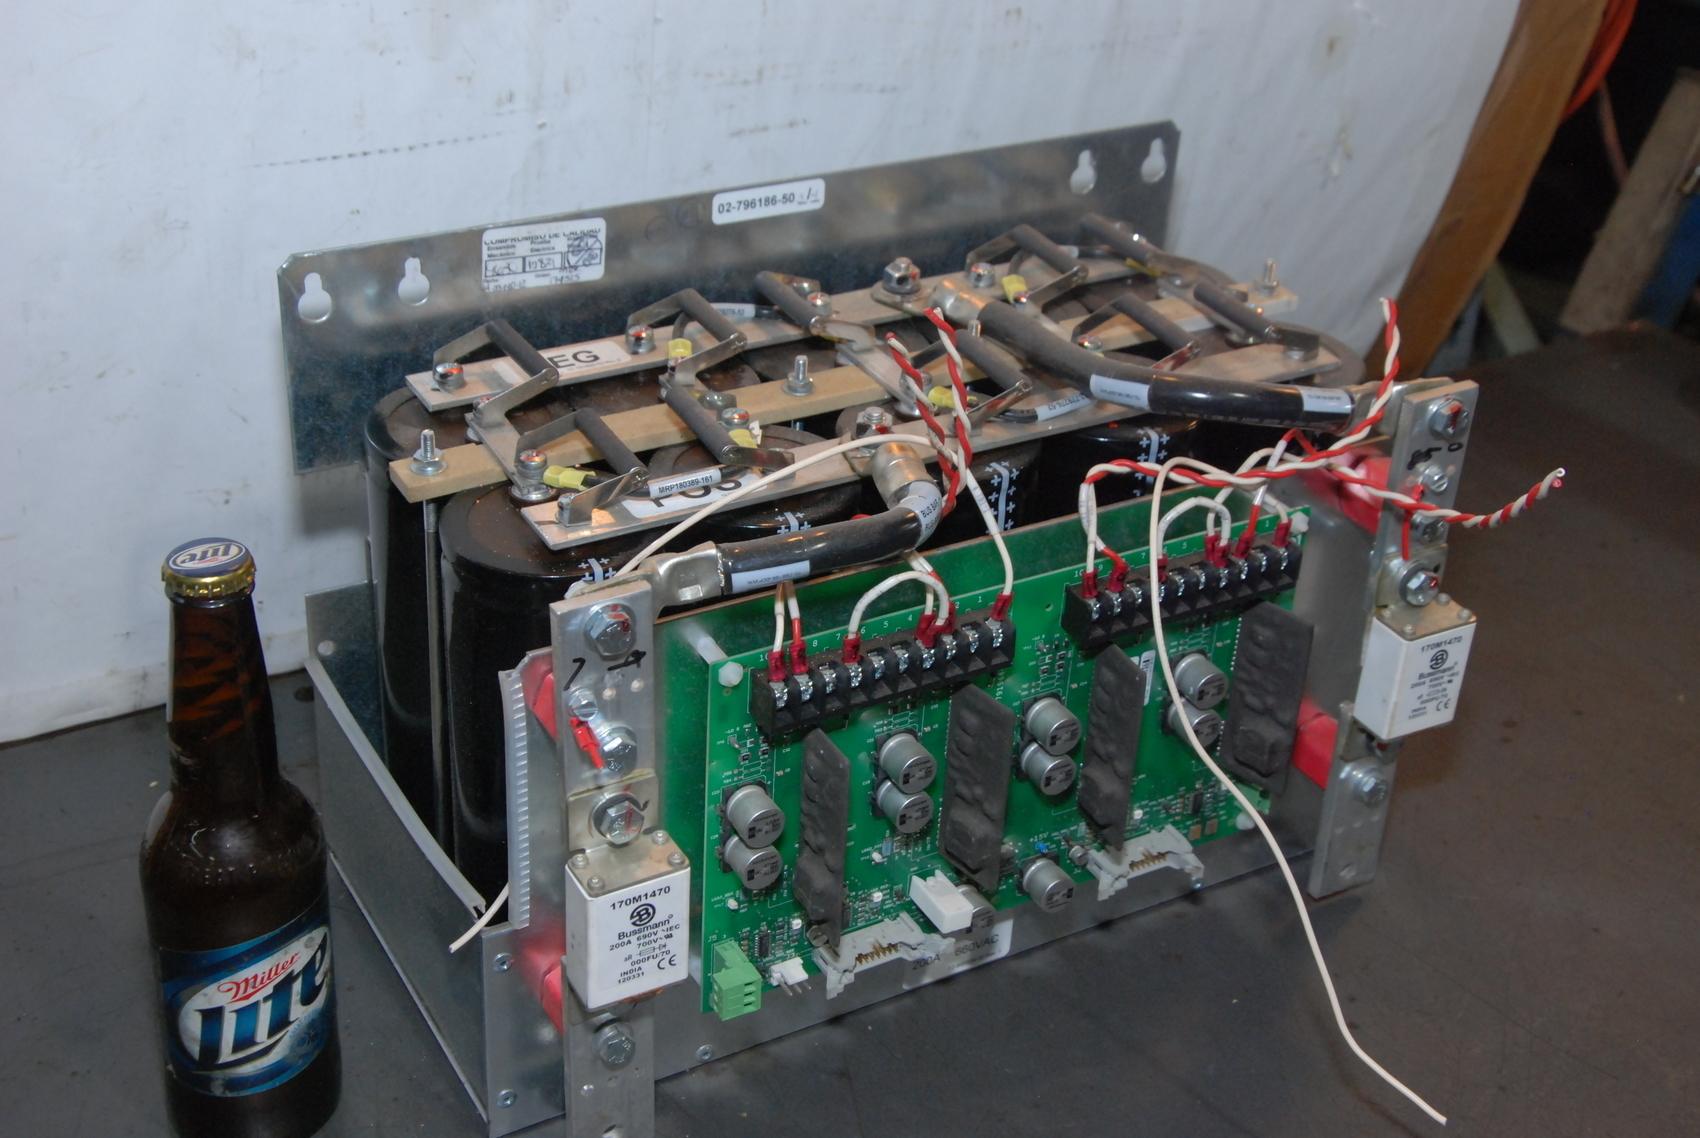 Emerson Network Capacitor Bank 02-796186-50 from Liebert UPS